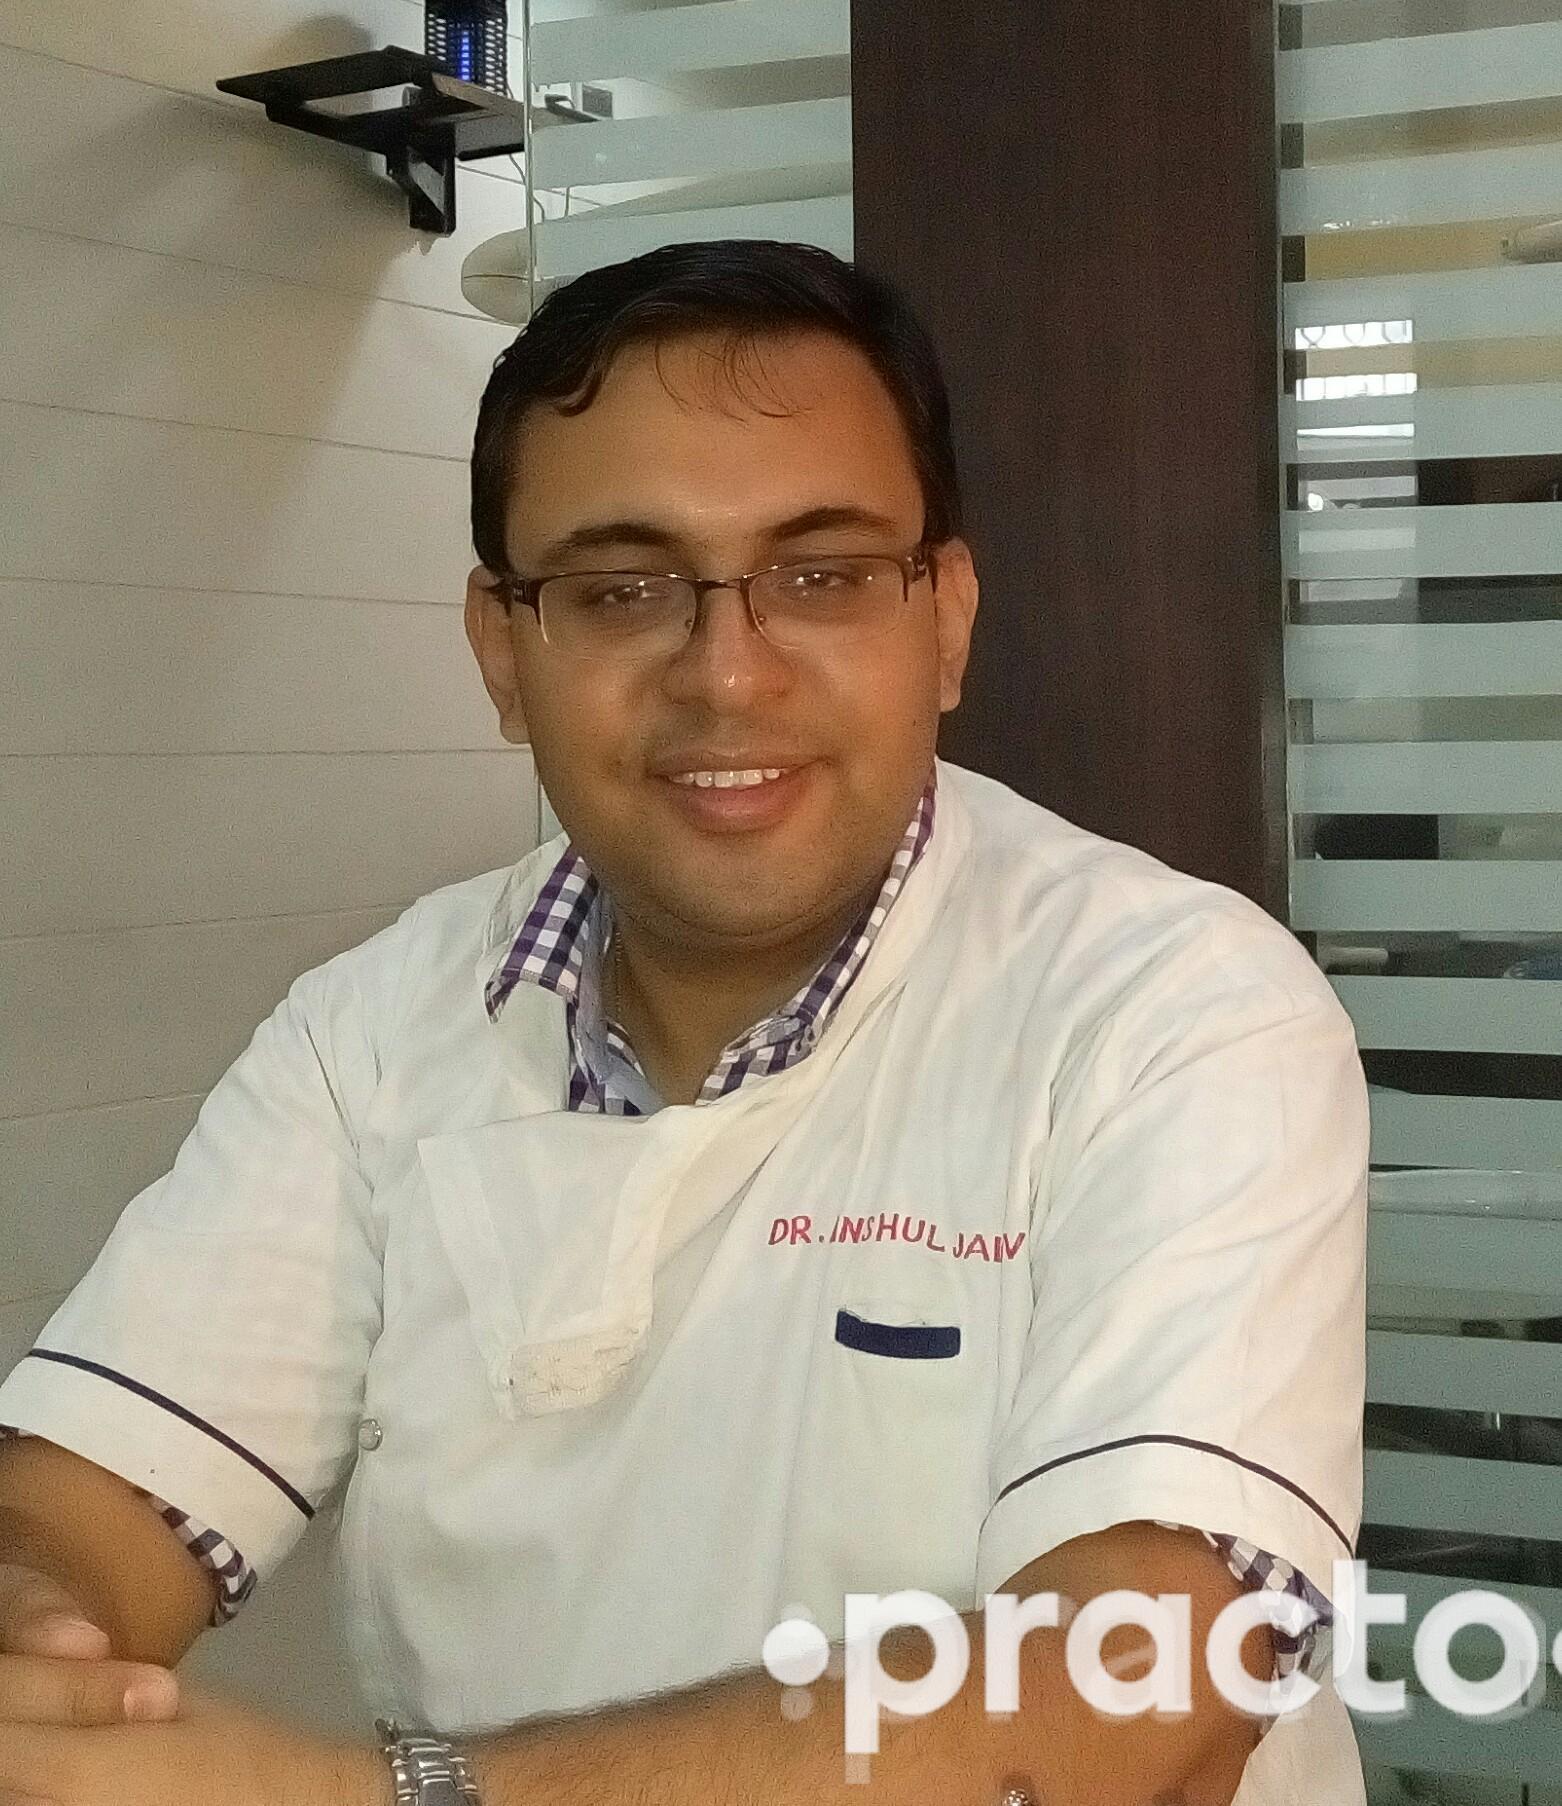 Dr. Anshul Jaidev - Dentist